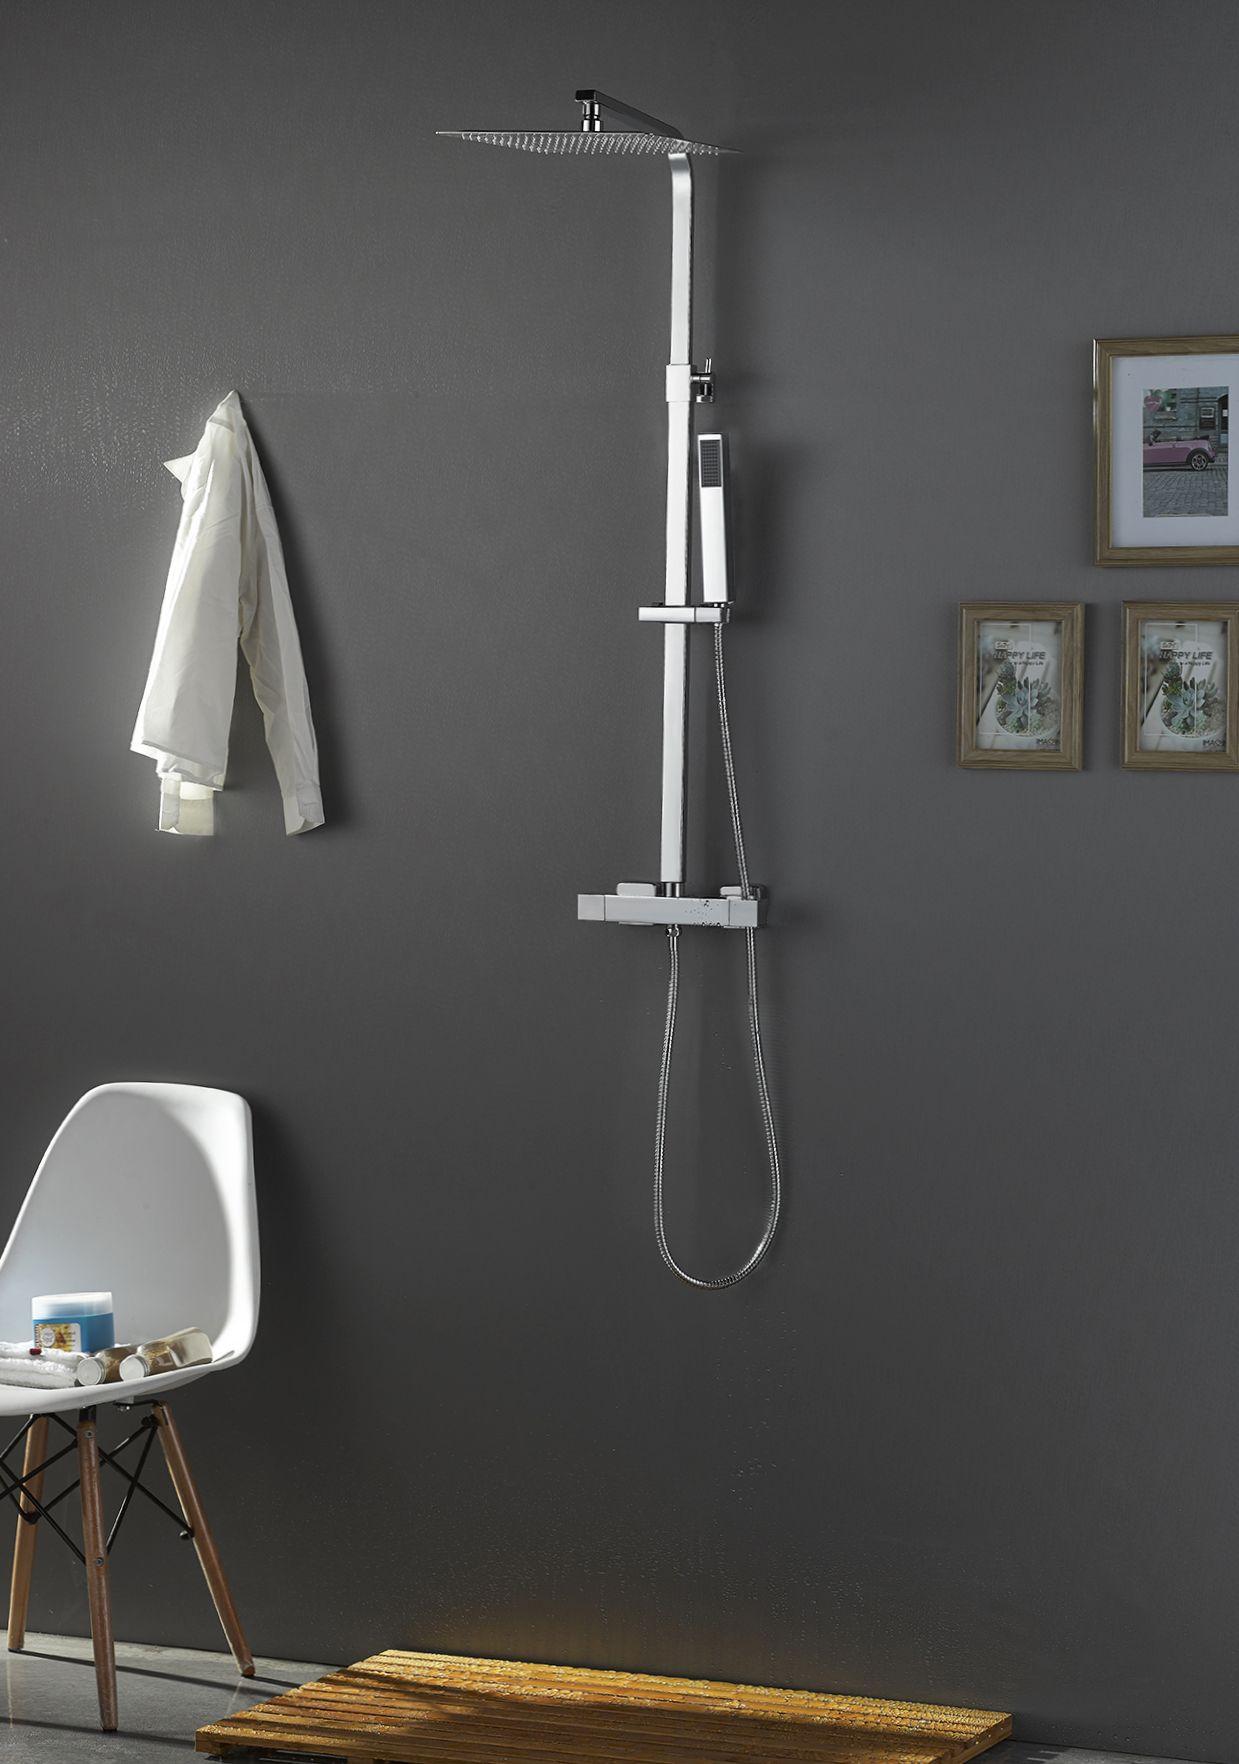 douche design 20 regendoucheset thermostaatkraan. Black Bedroom Furniture Sets. Home Design Ideas